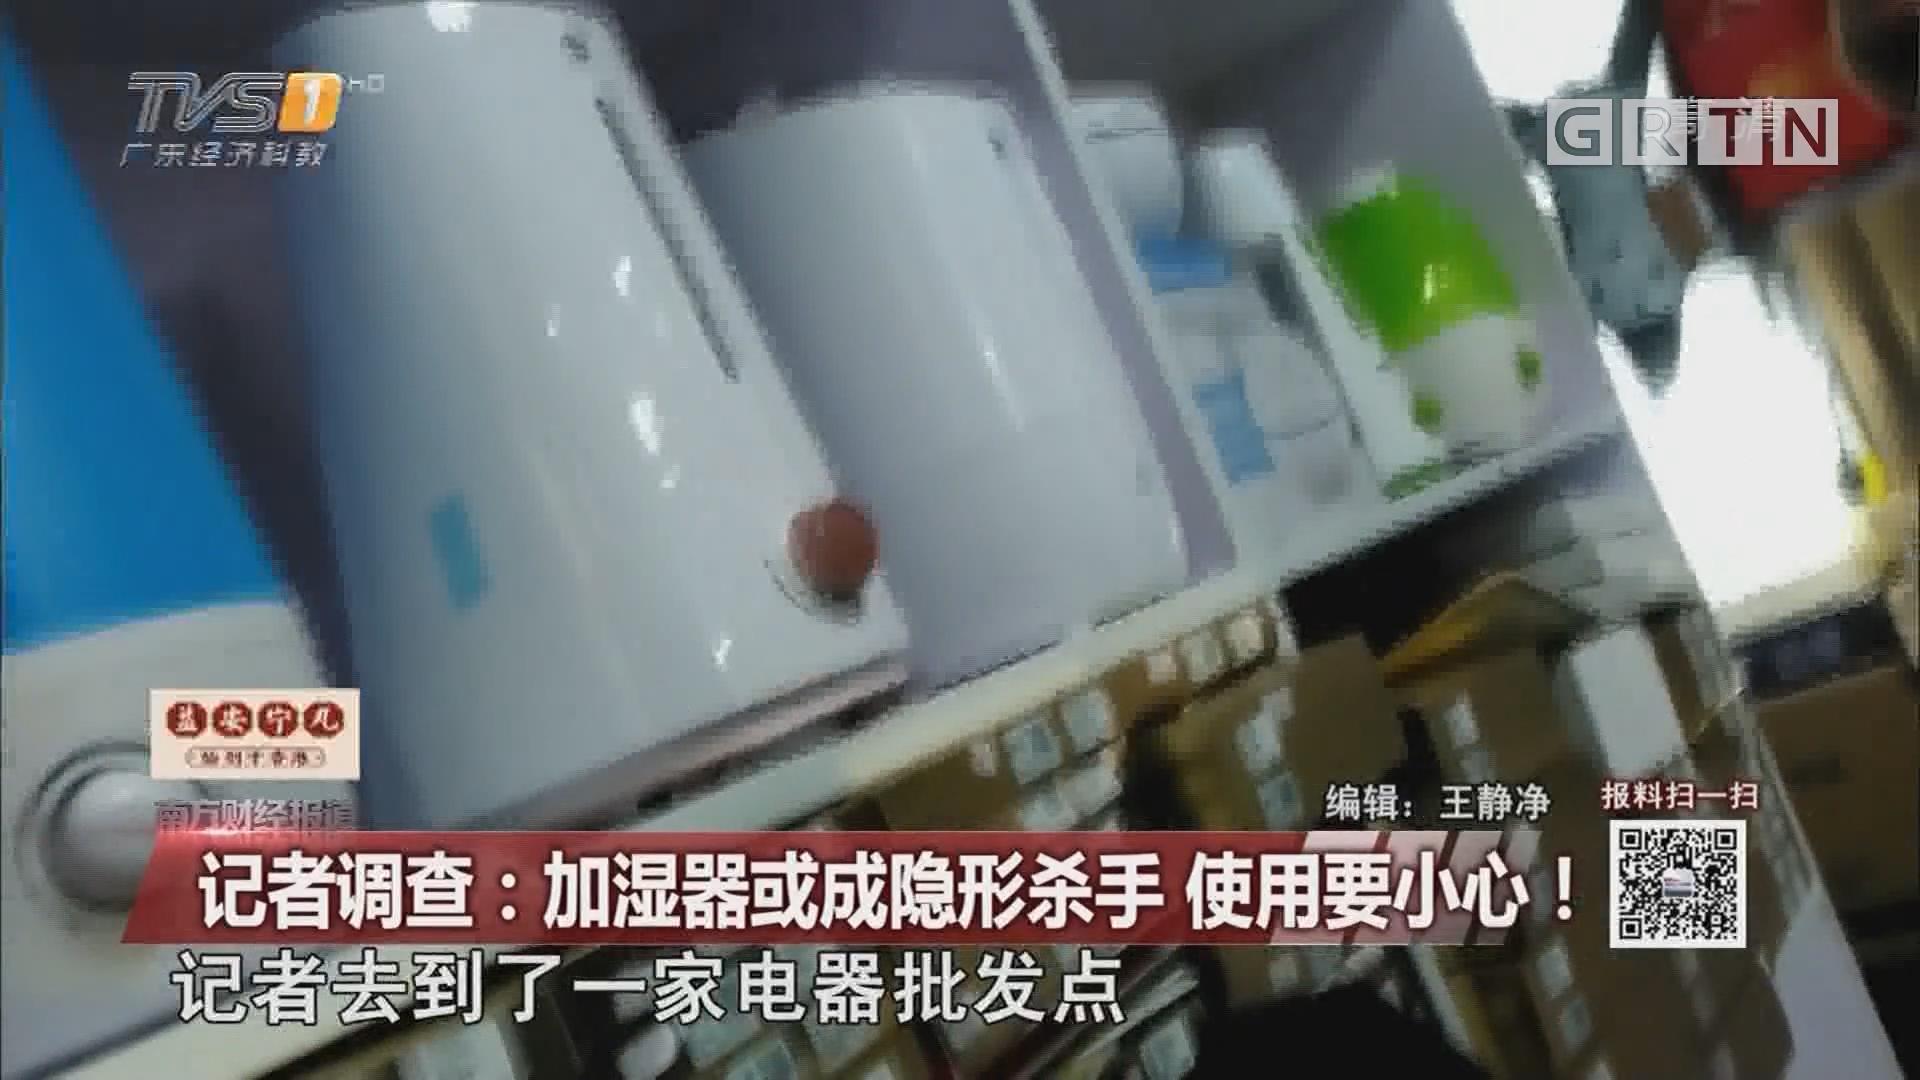 记者调查:加湿器或成隐形杀手 使用要小心!